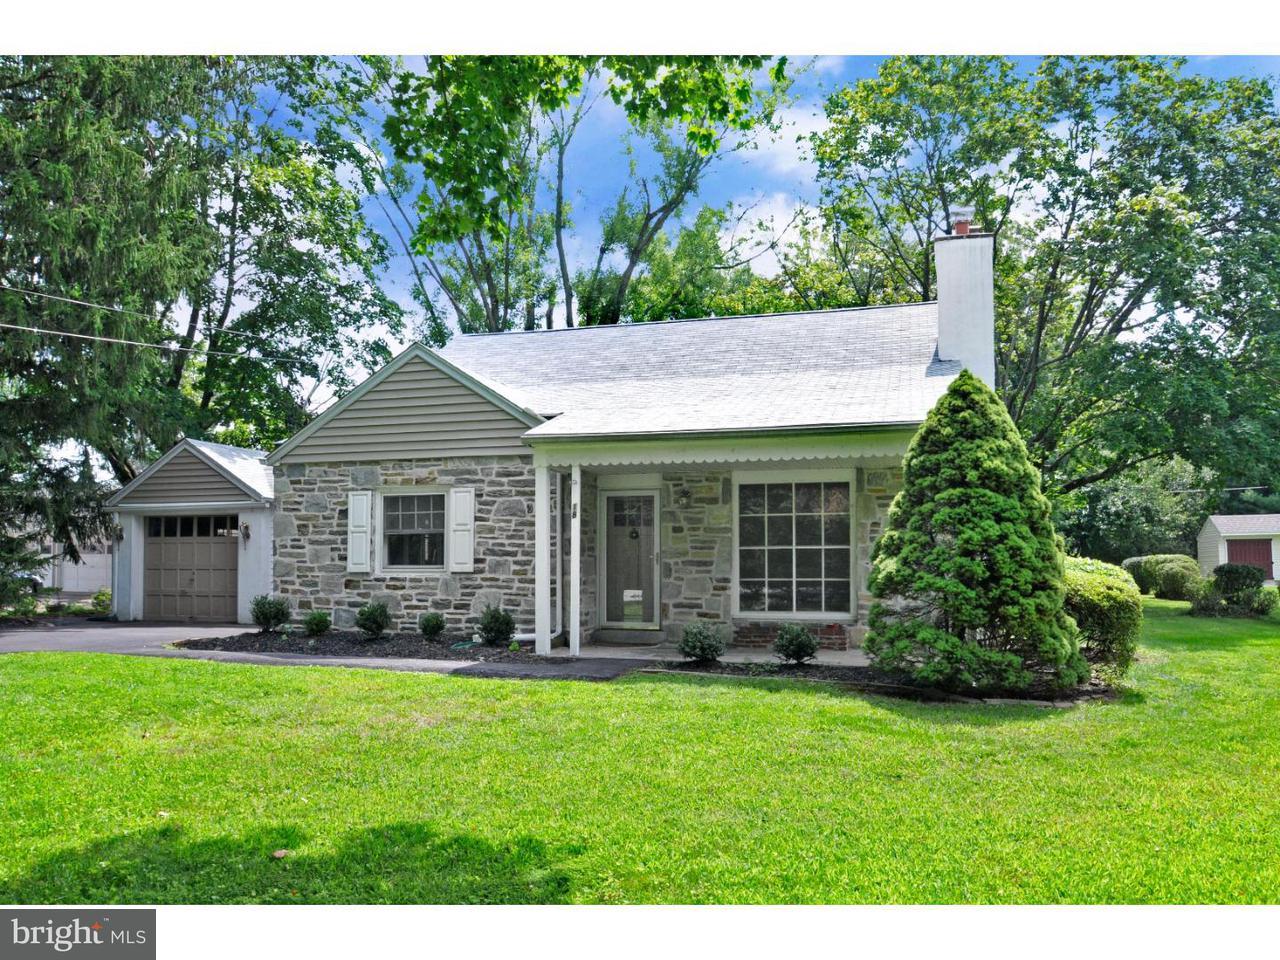 独户住宅 为 出租 在 1825 NORRISTOWN Road 安布勒, 宾夕法尼亚州 19002 美国